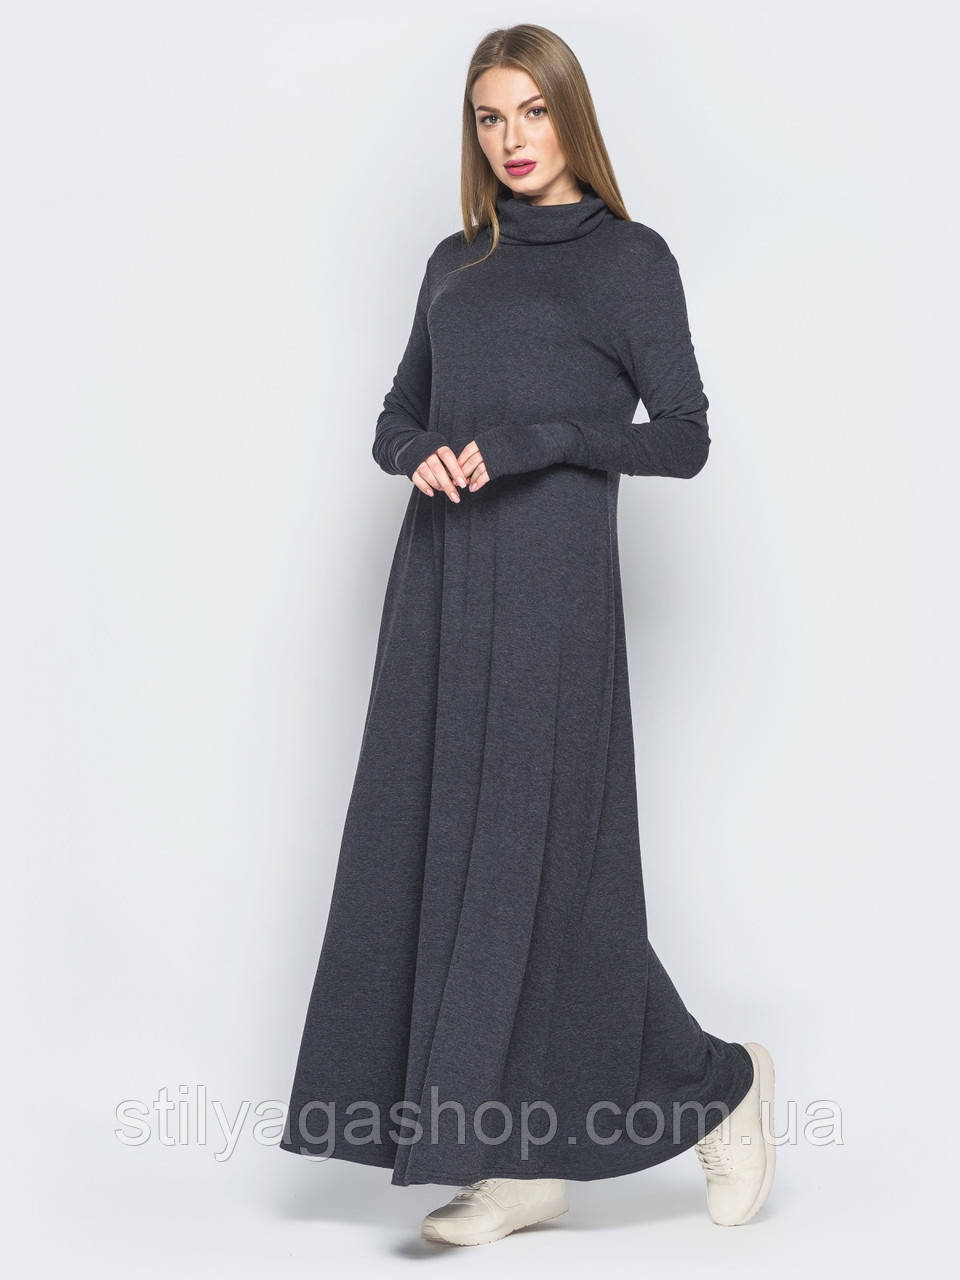 Затишне тепле плаття-максі вільного крою з рукавами-мітенками